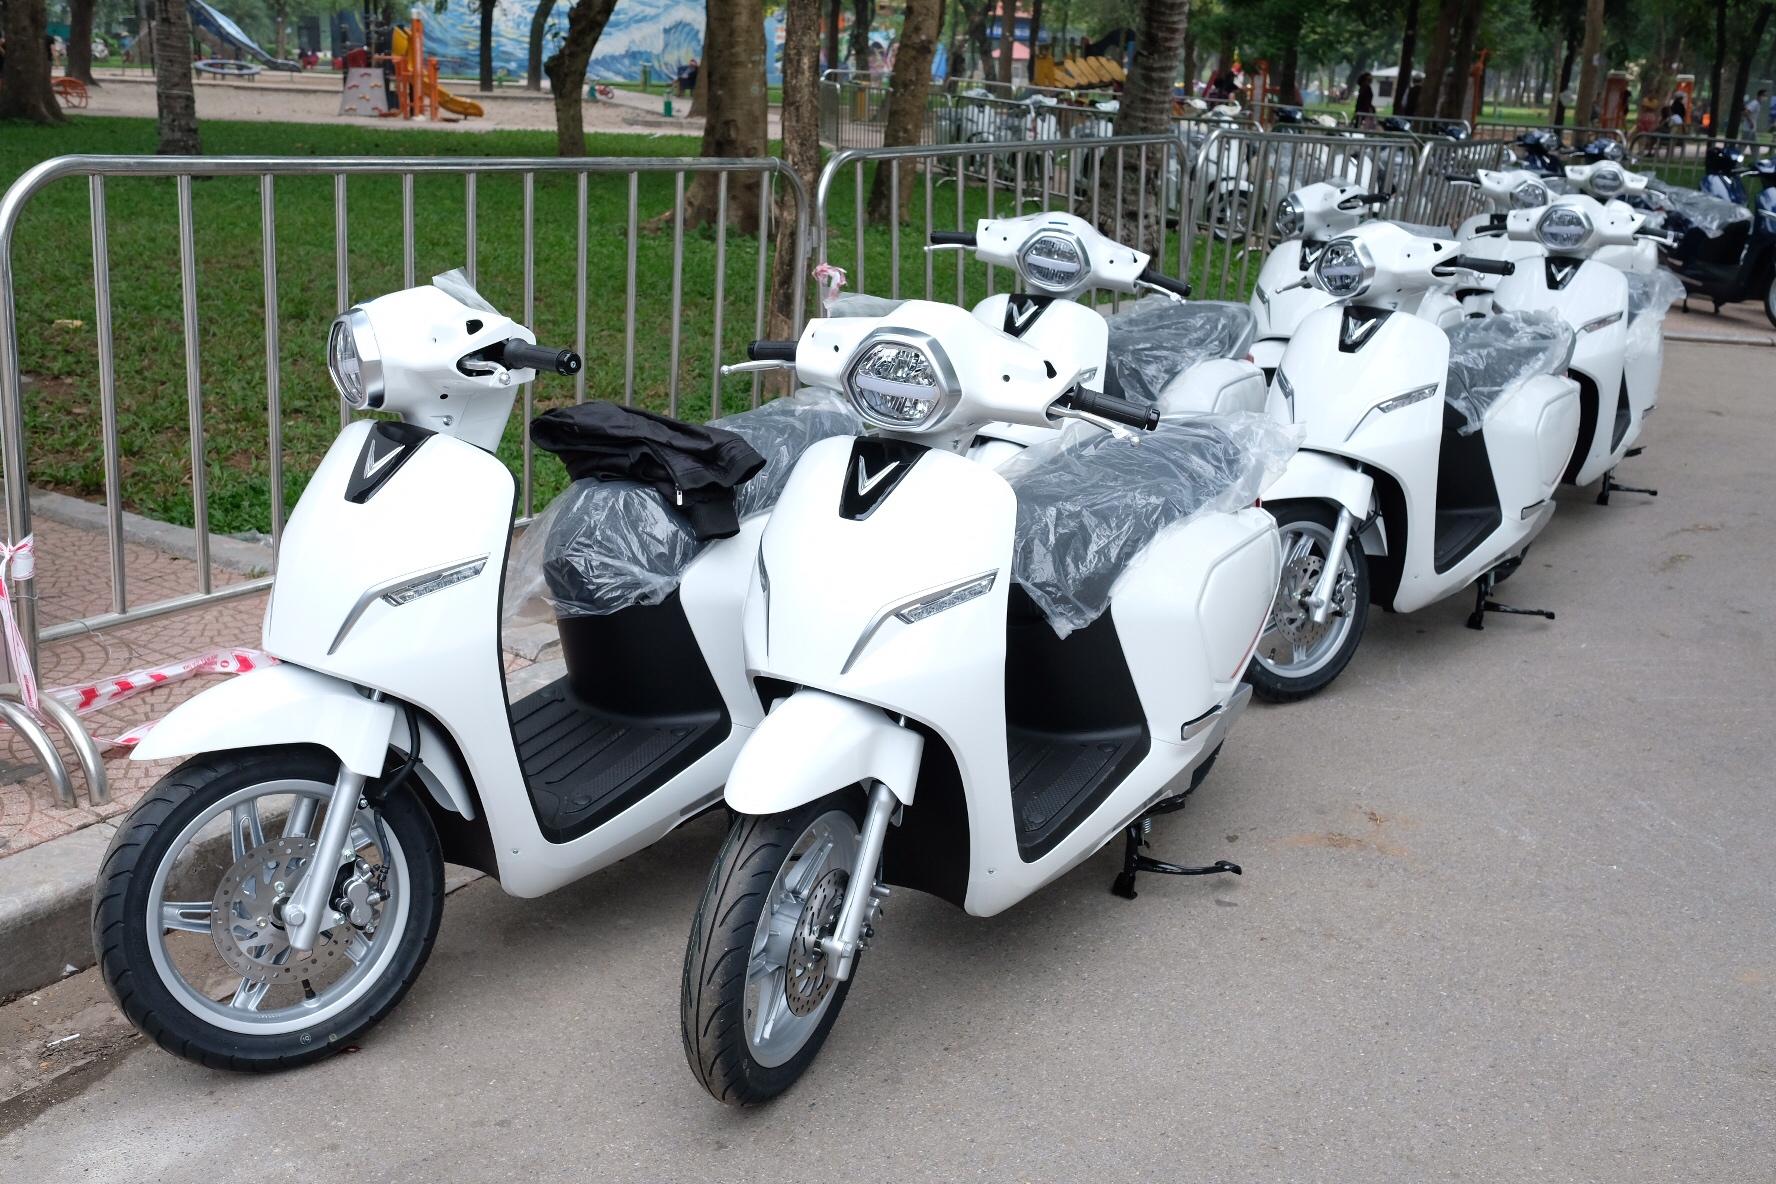 Những hình ảnh mới nhất của ô tô Vinfast chuẩn bị lễ ra mắt tại Hà Nội 15